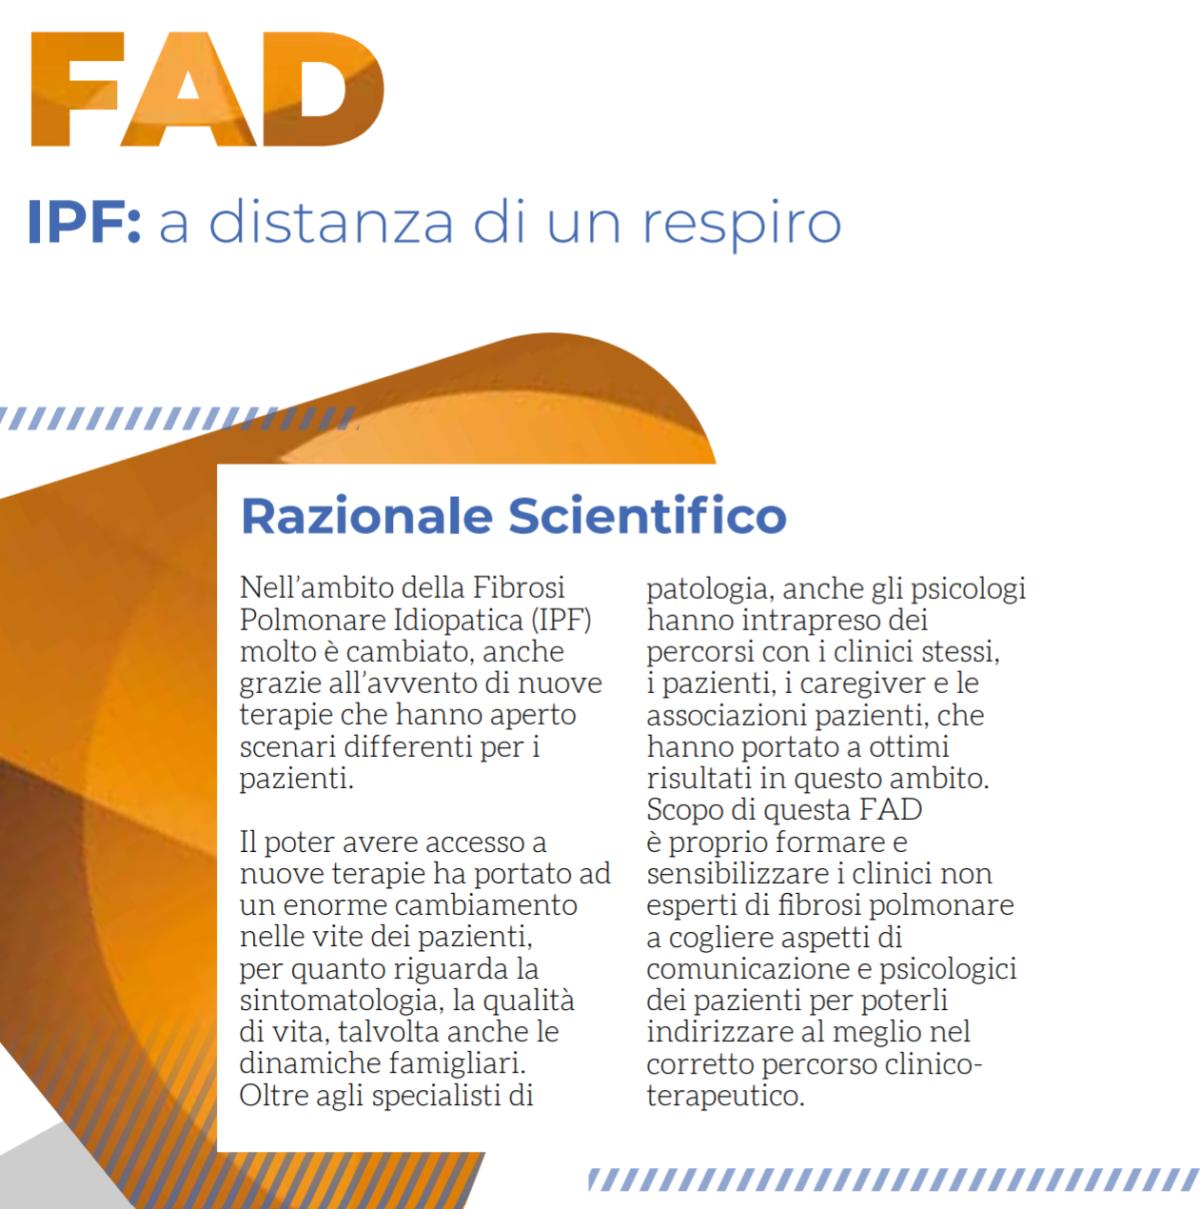 fad-respiro-1200x1209.png